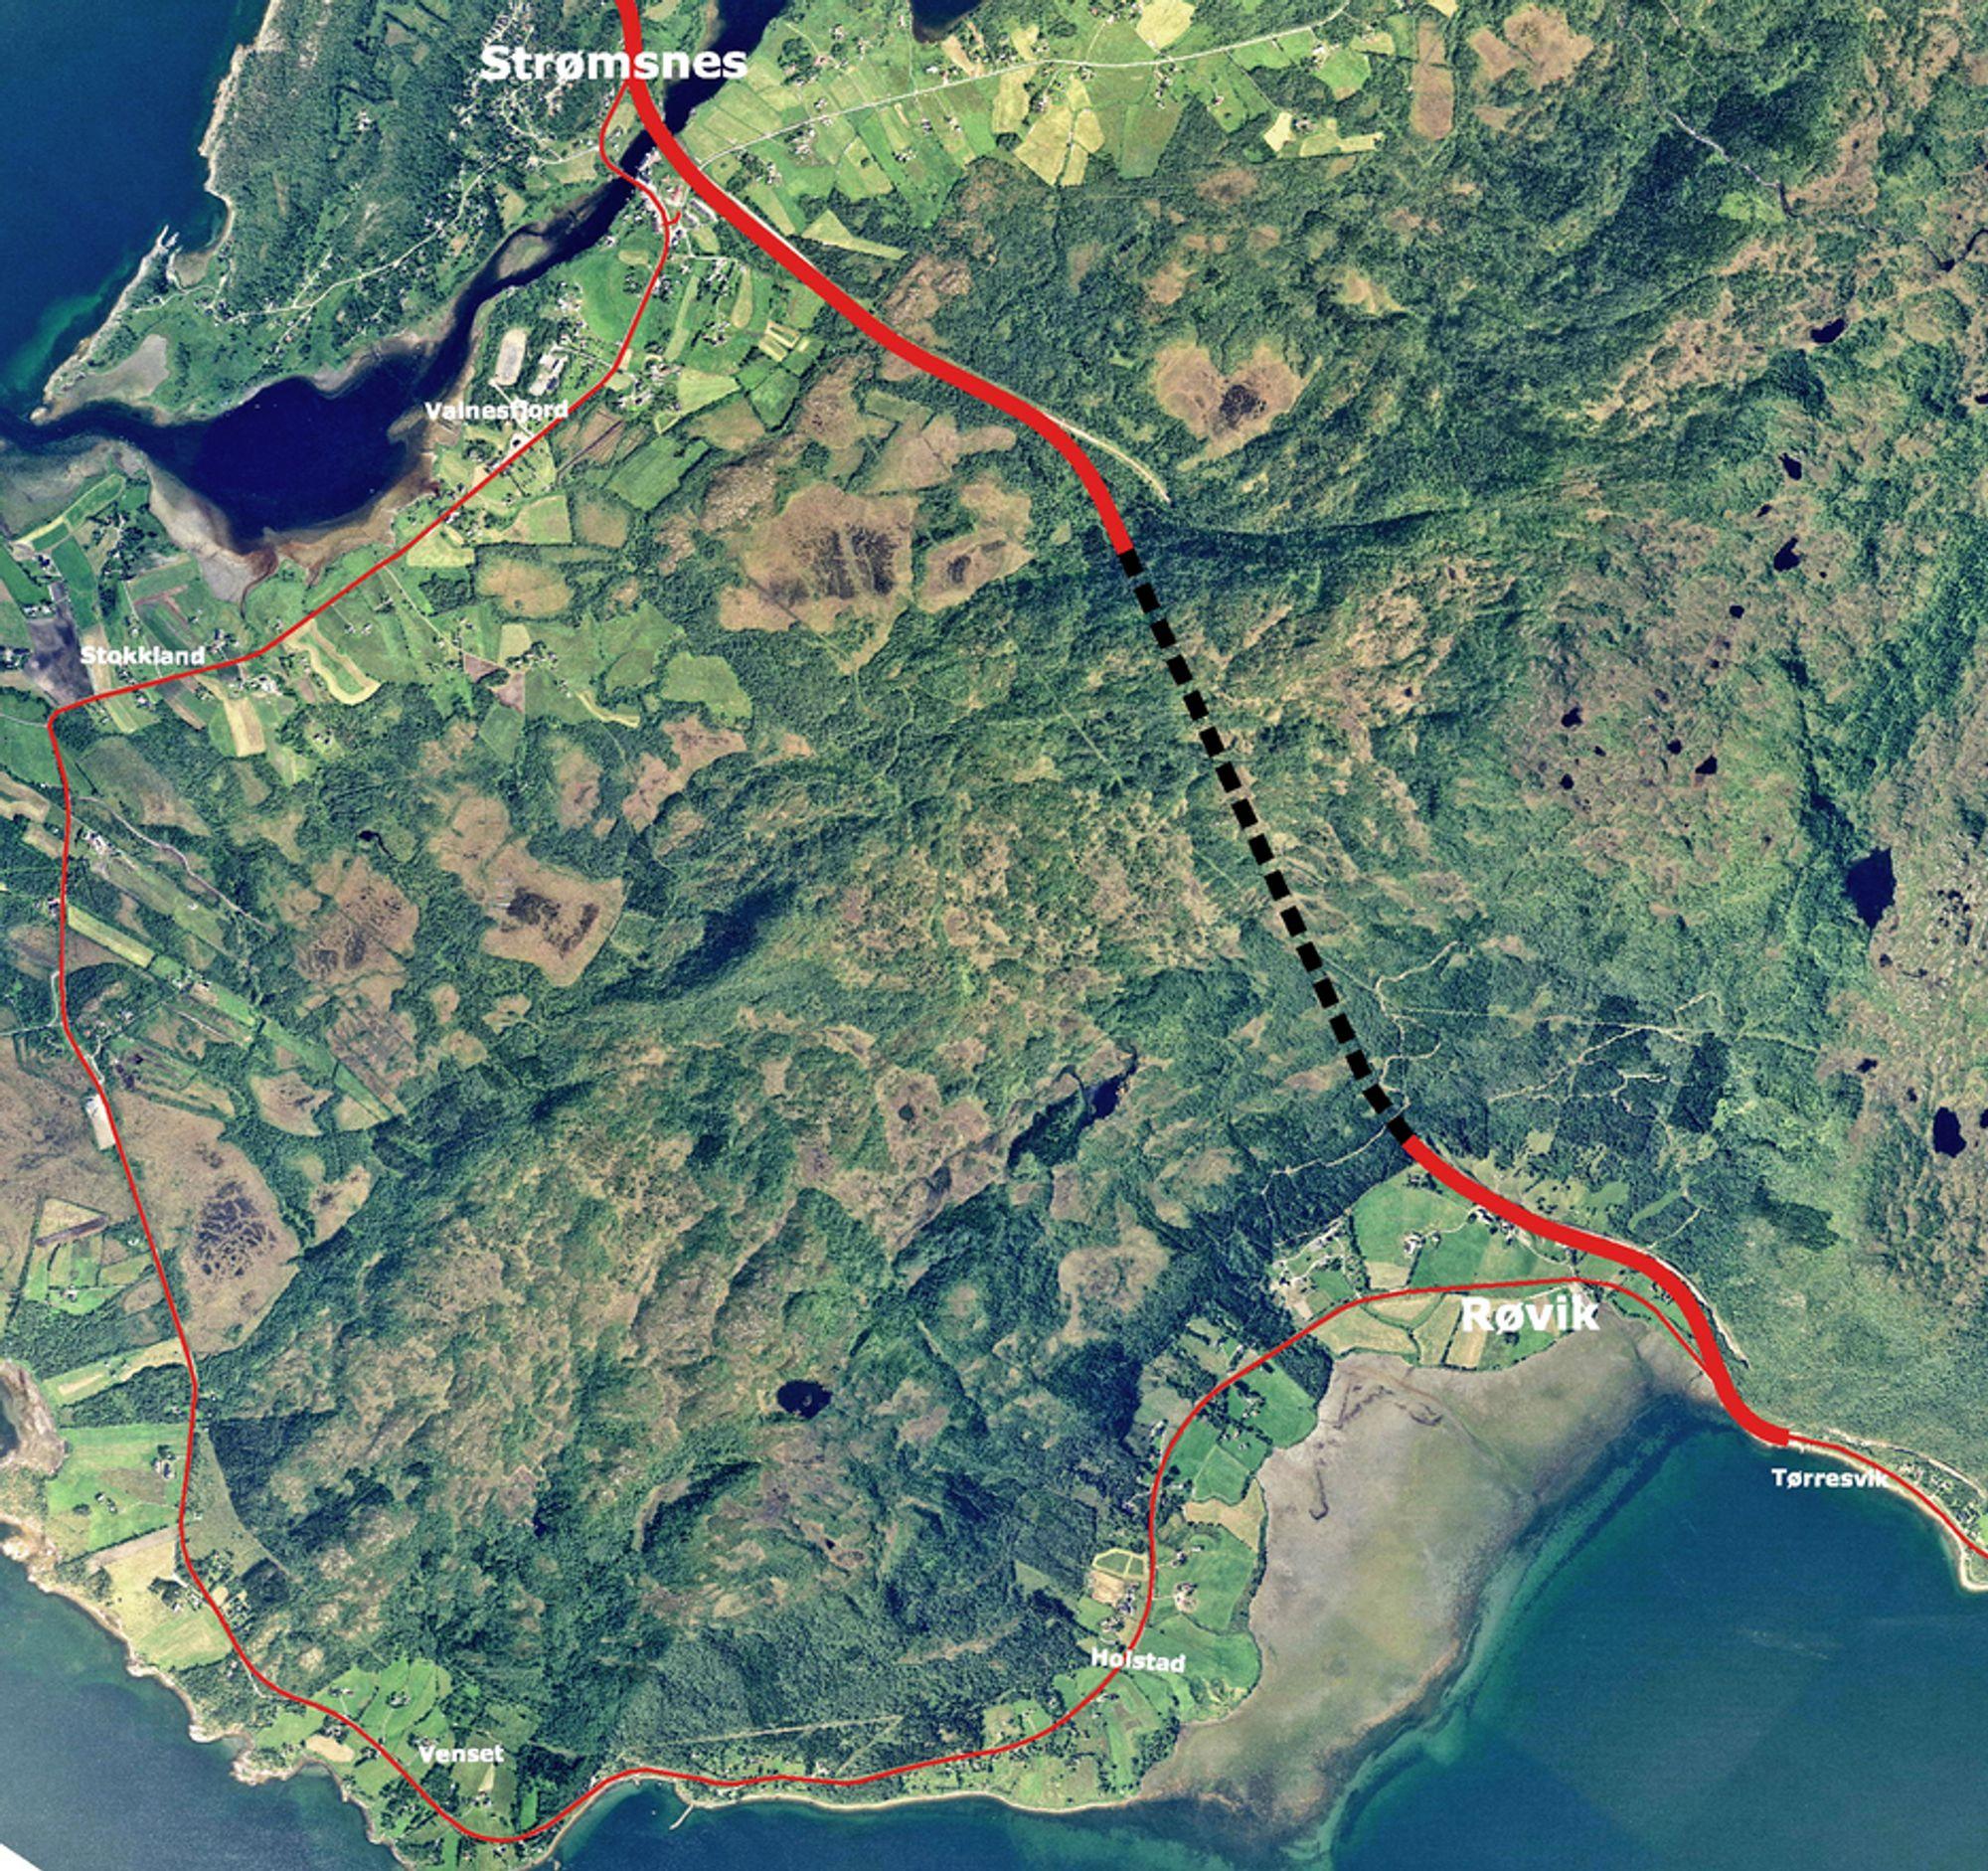 Riksveg 80 mellom Røvika og Strømsnes blir ca. seks kilometer kortere når Røviktunnelen åpnes neste år. Den som vil utføre elektroarbeidet, må gi anbud innen 7. juni.